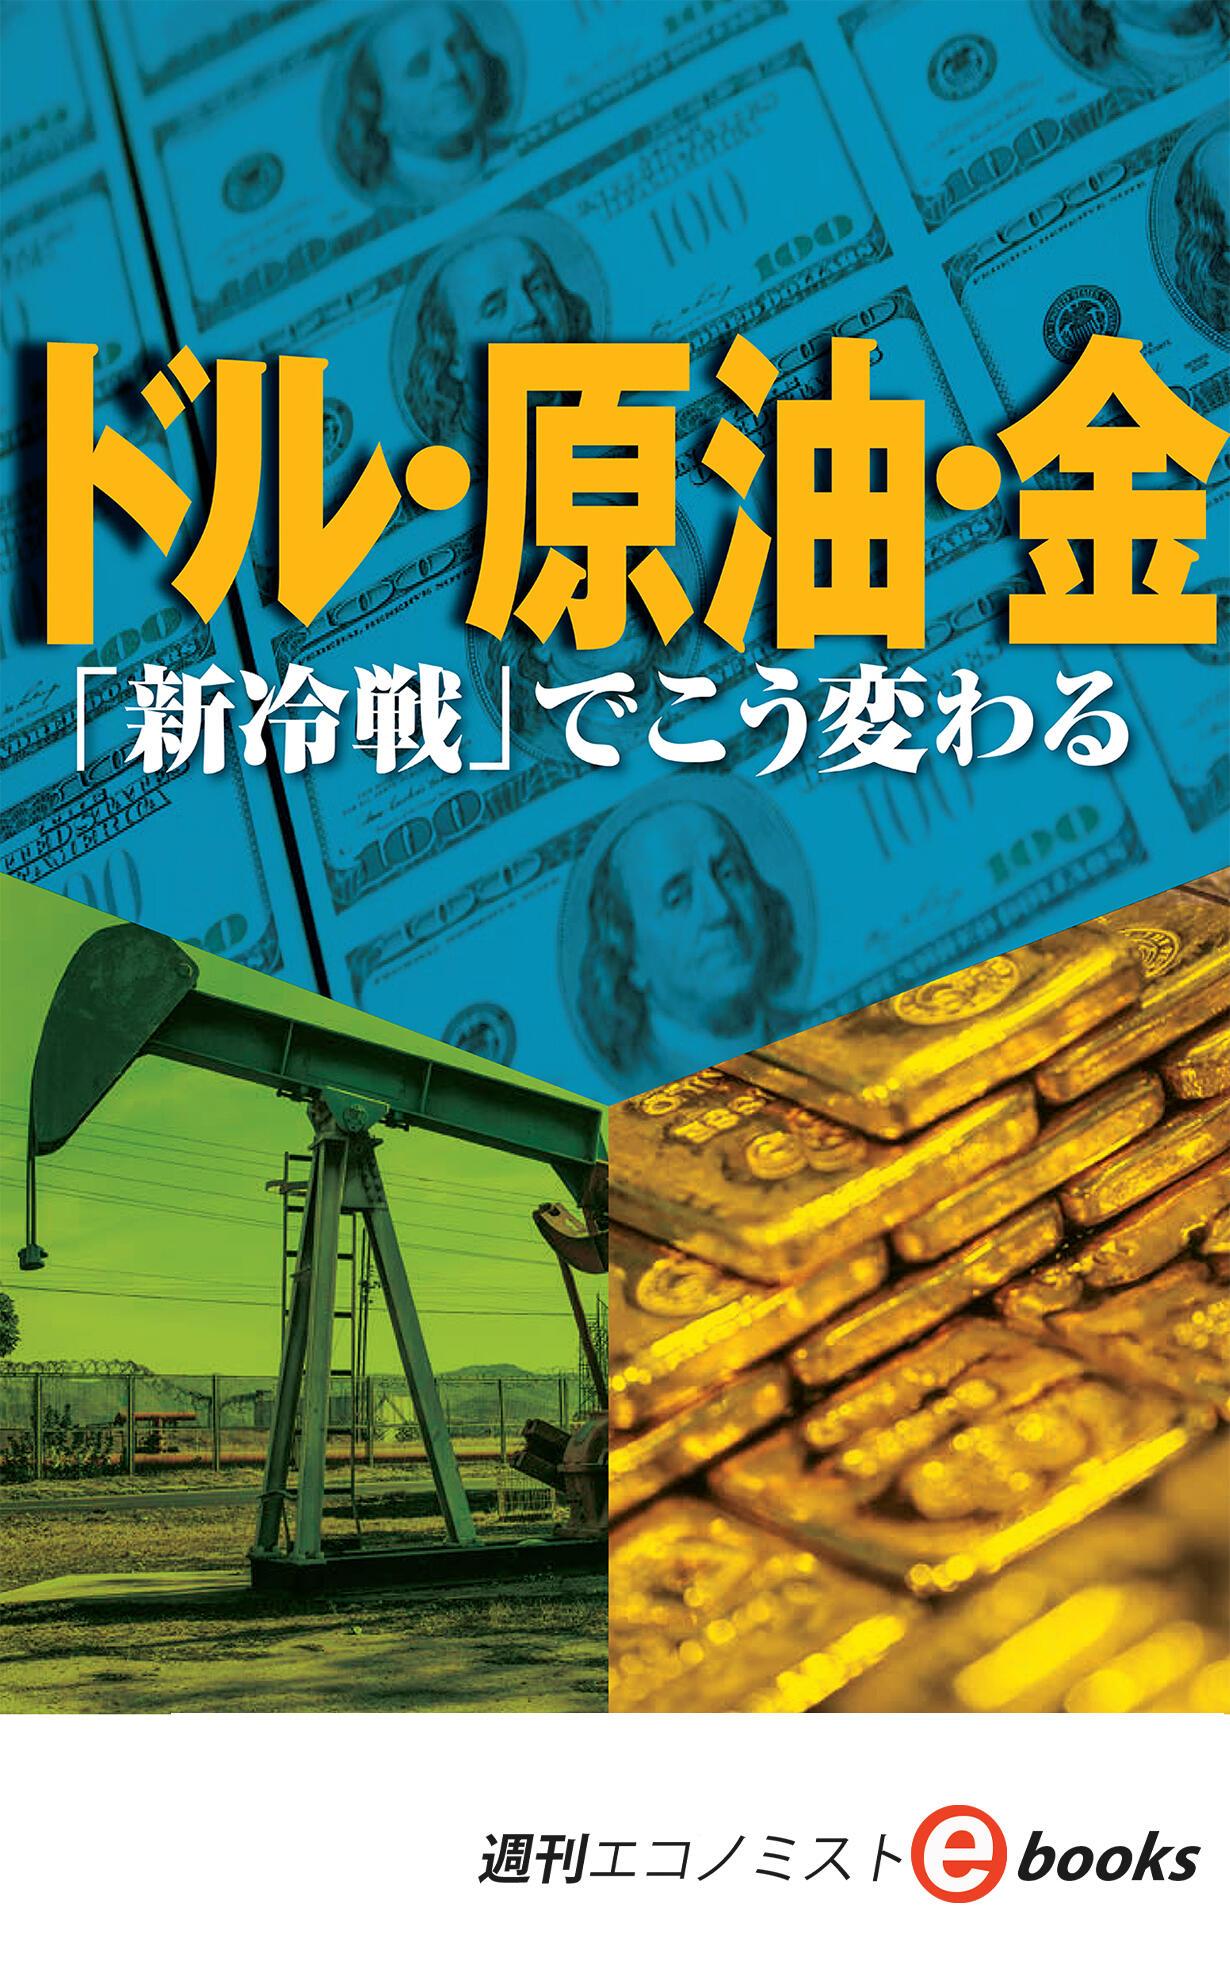 書影:ドル・原油・金「新冷戦」でこう変わる